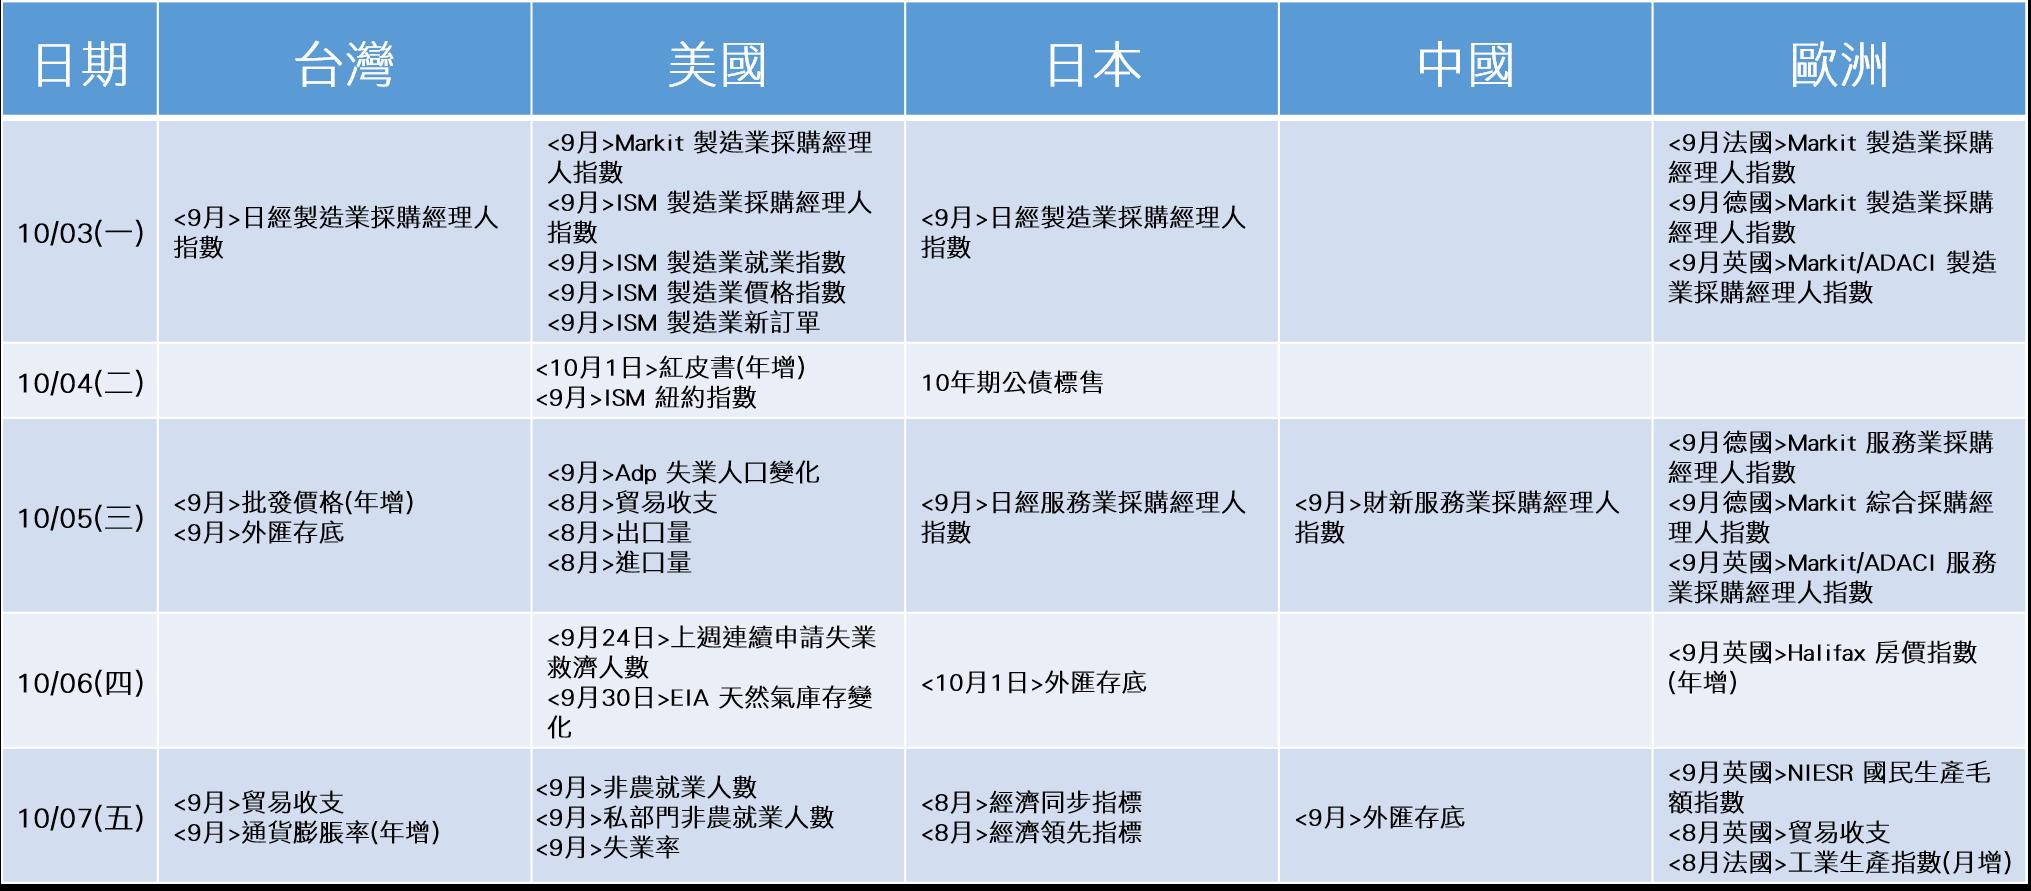 20161003~20161007_經濟事件